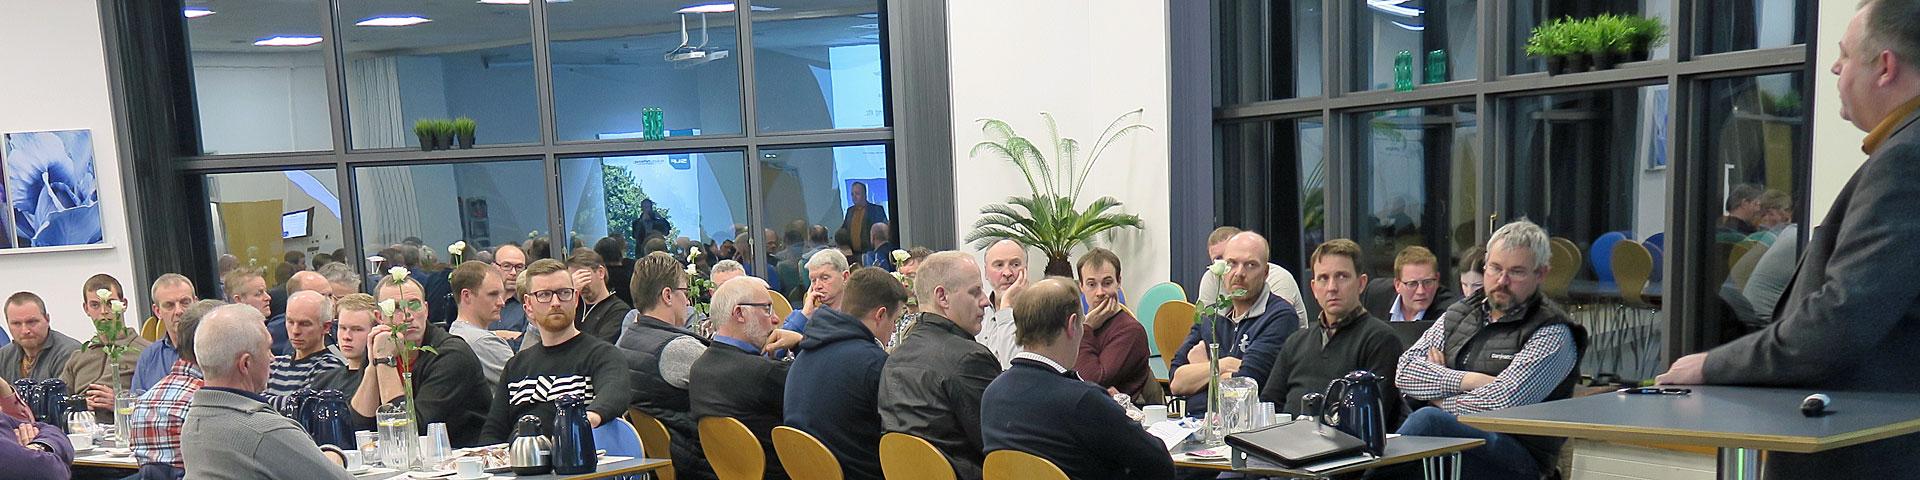 Møde i SLF-om-nyt-biogasanlæg